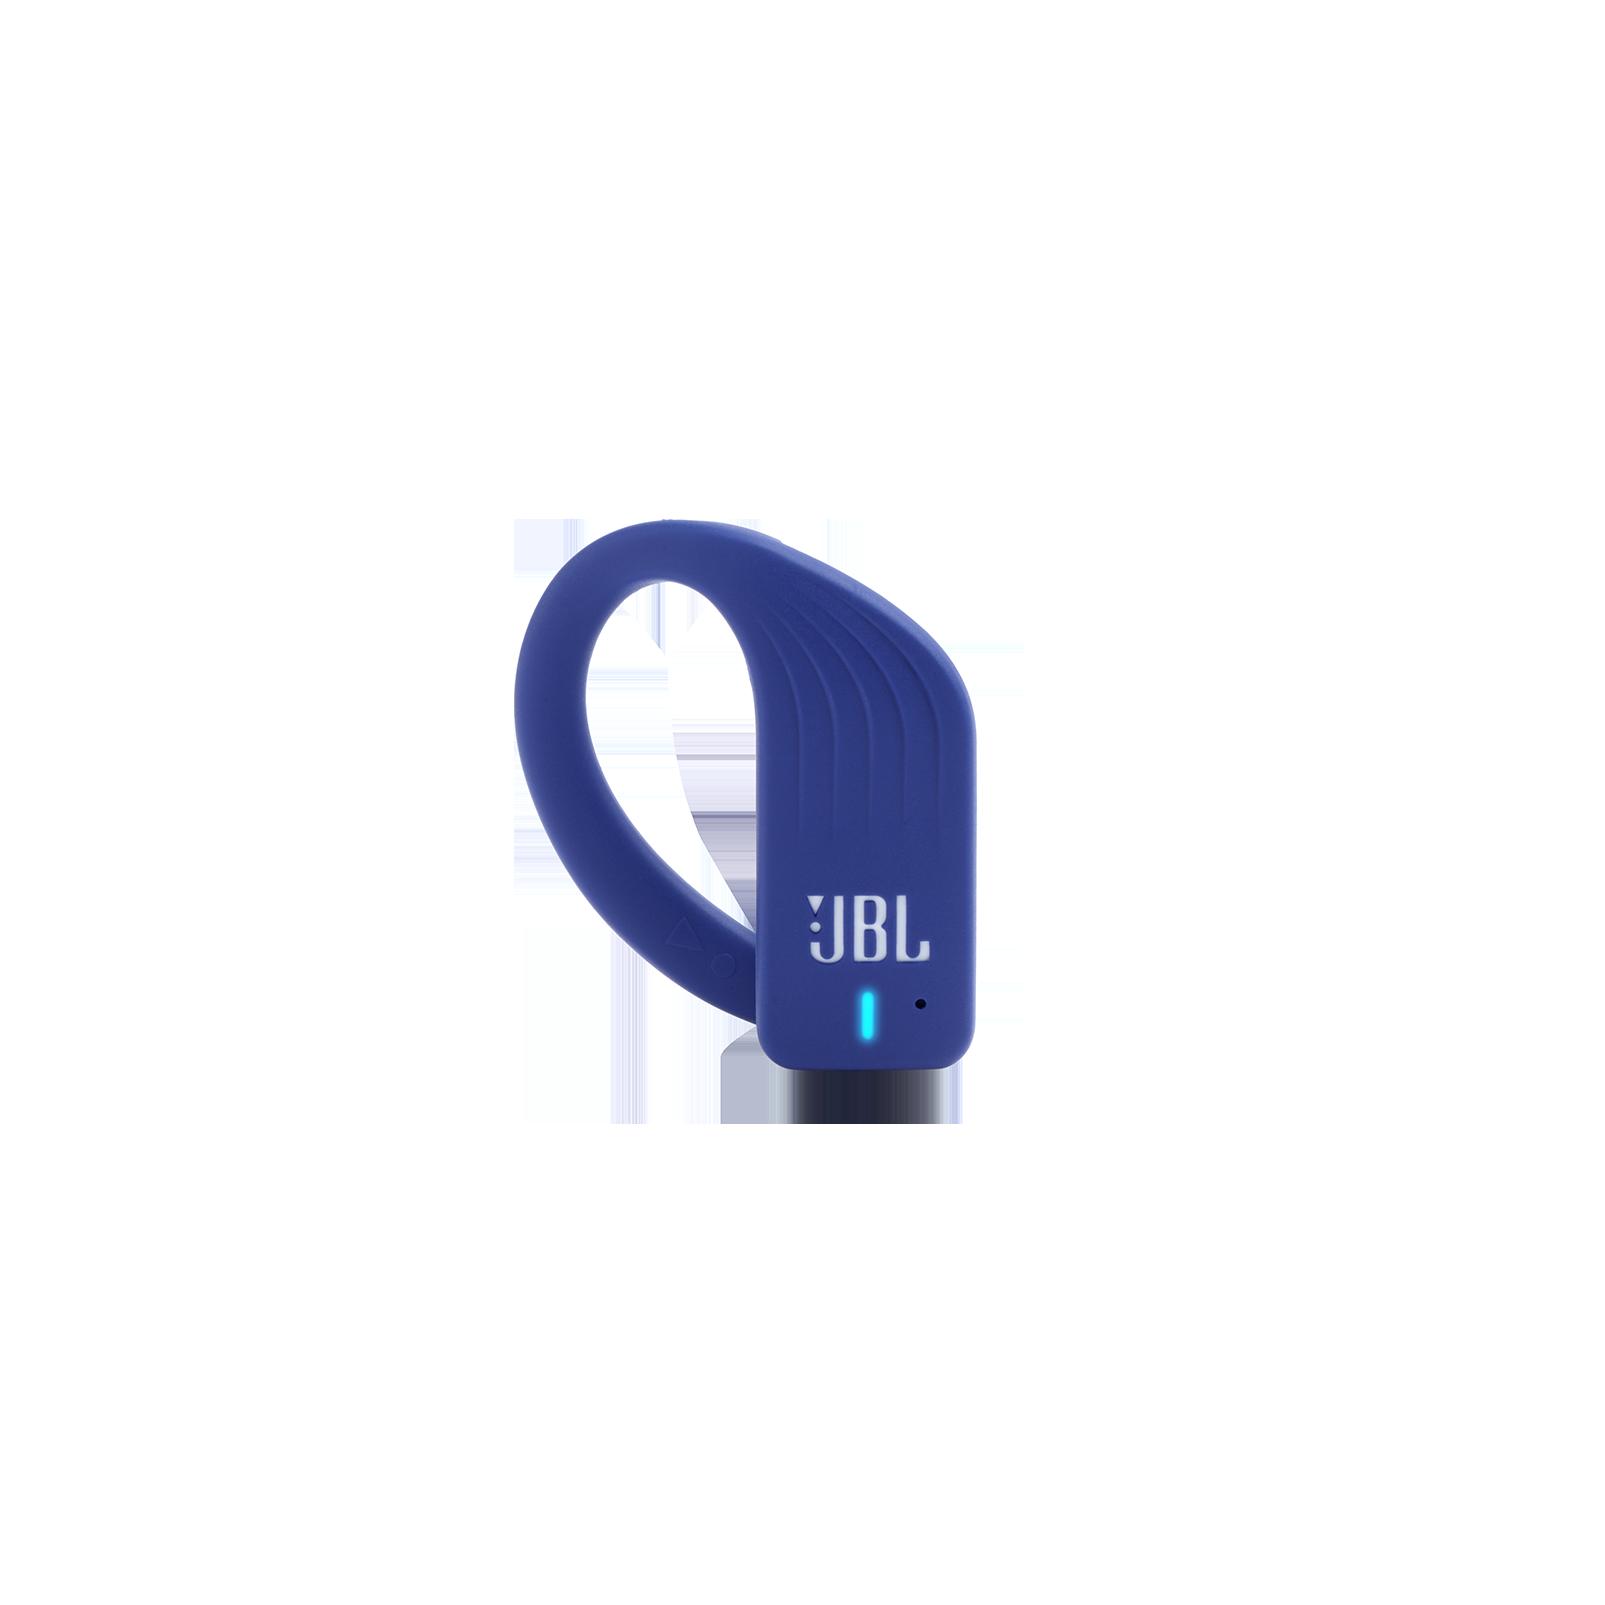 JBL Endurance PEAK - Blue - Waterproof True Wireless In-Ear Sport Headphones - Detailshot 2